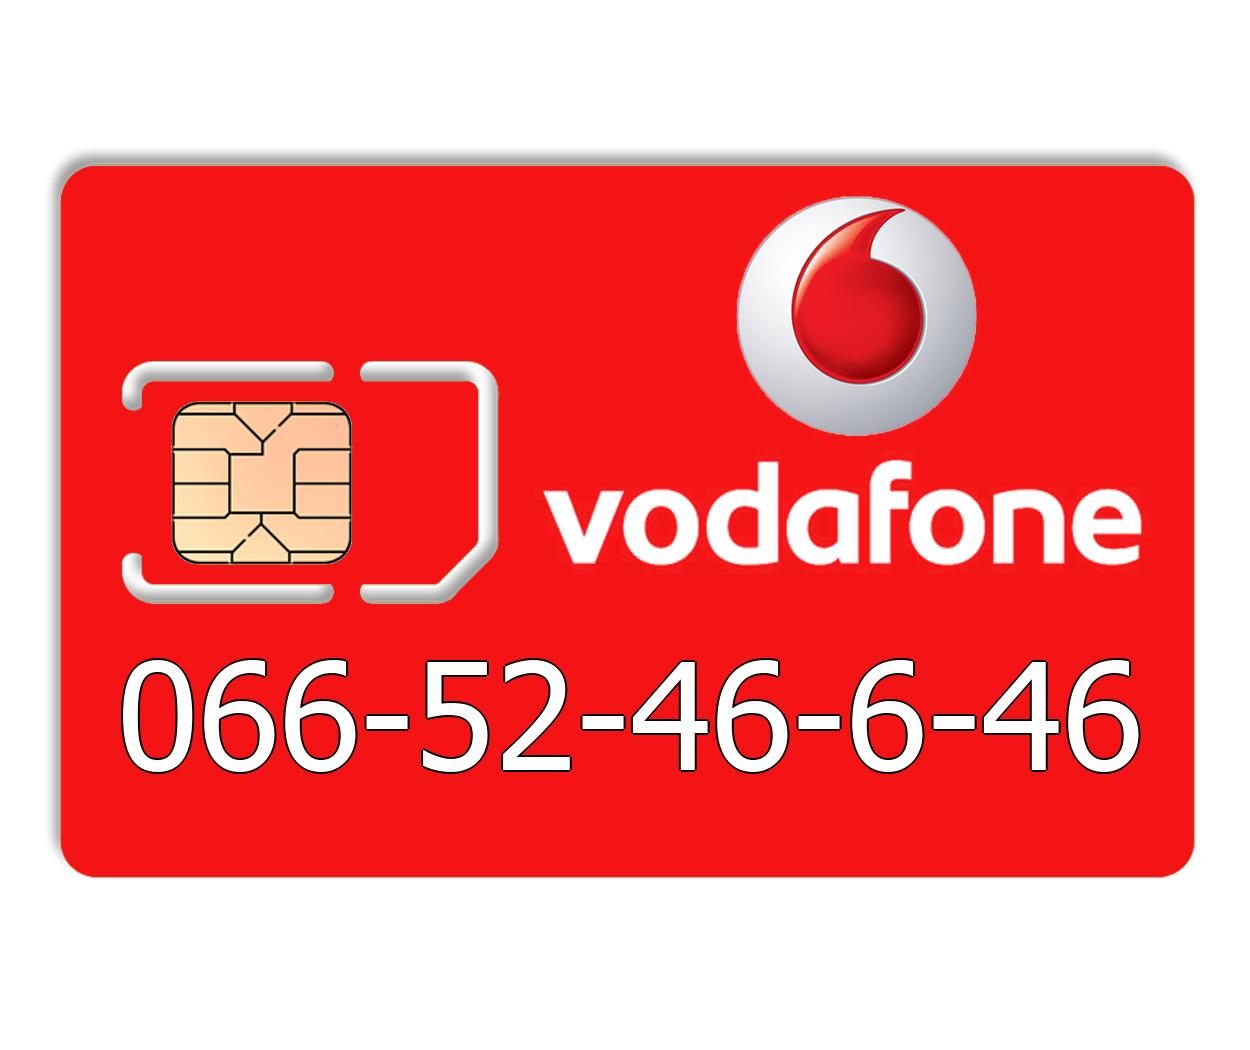 Красивый номер Vodafone 066-52-46-6-46